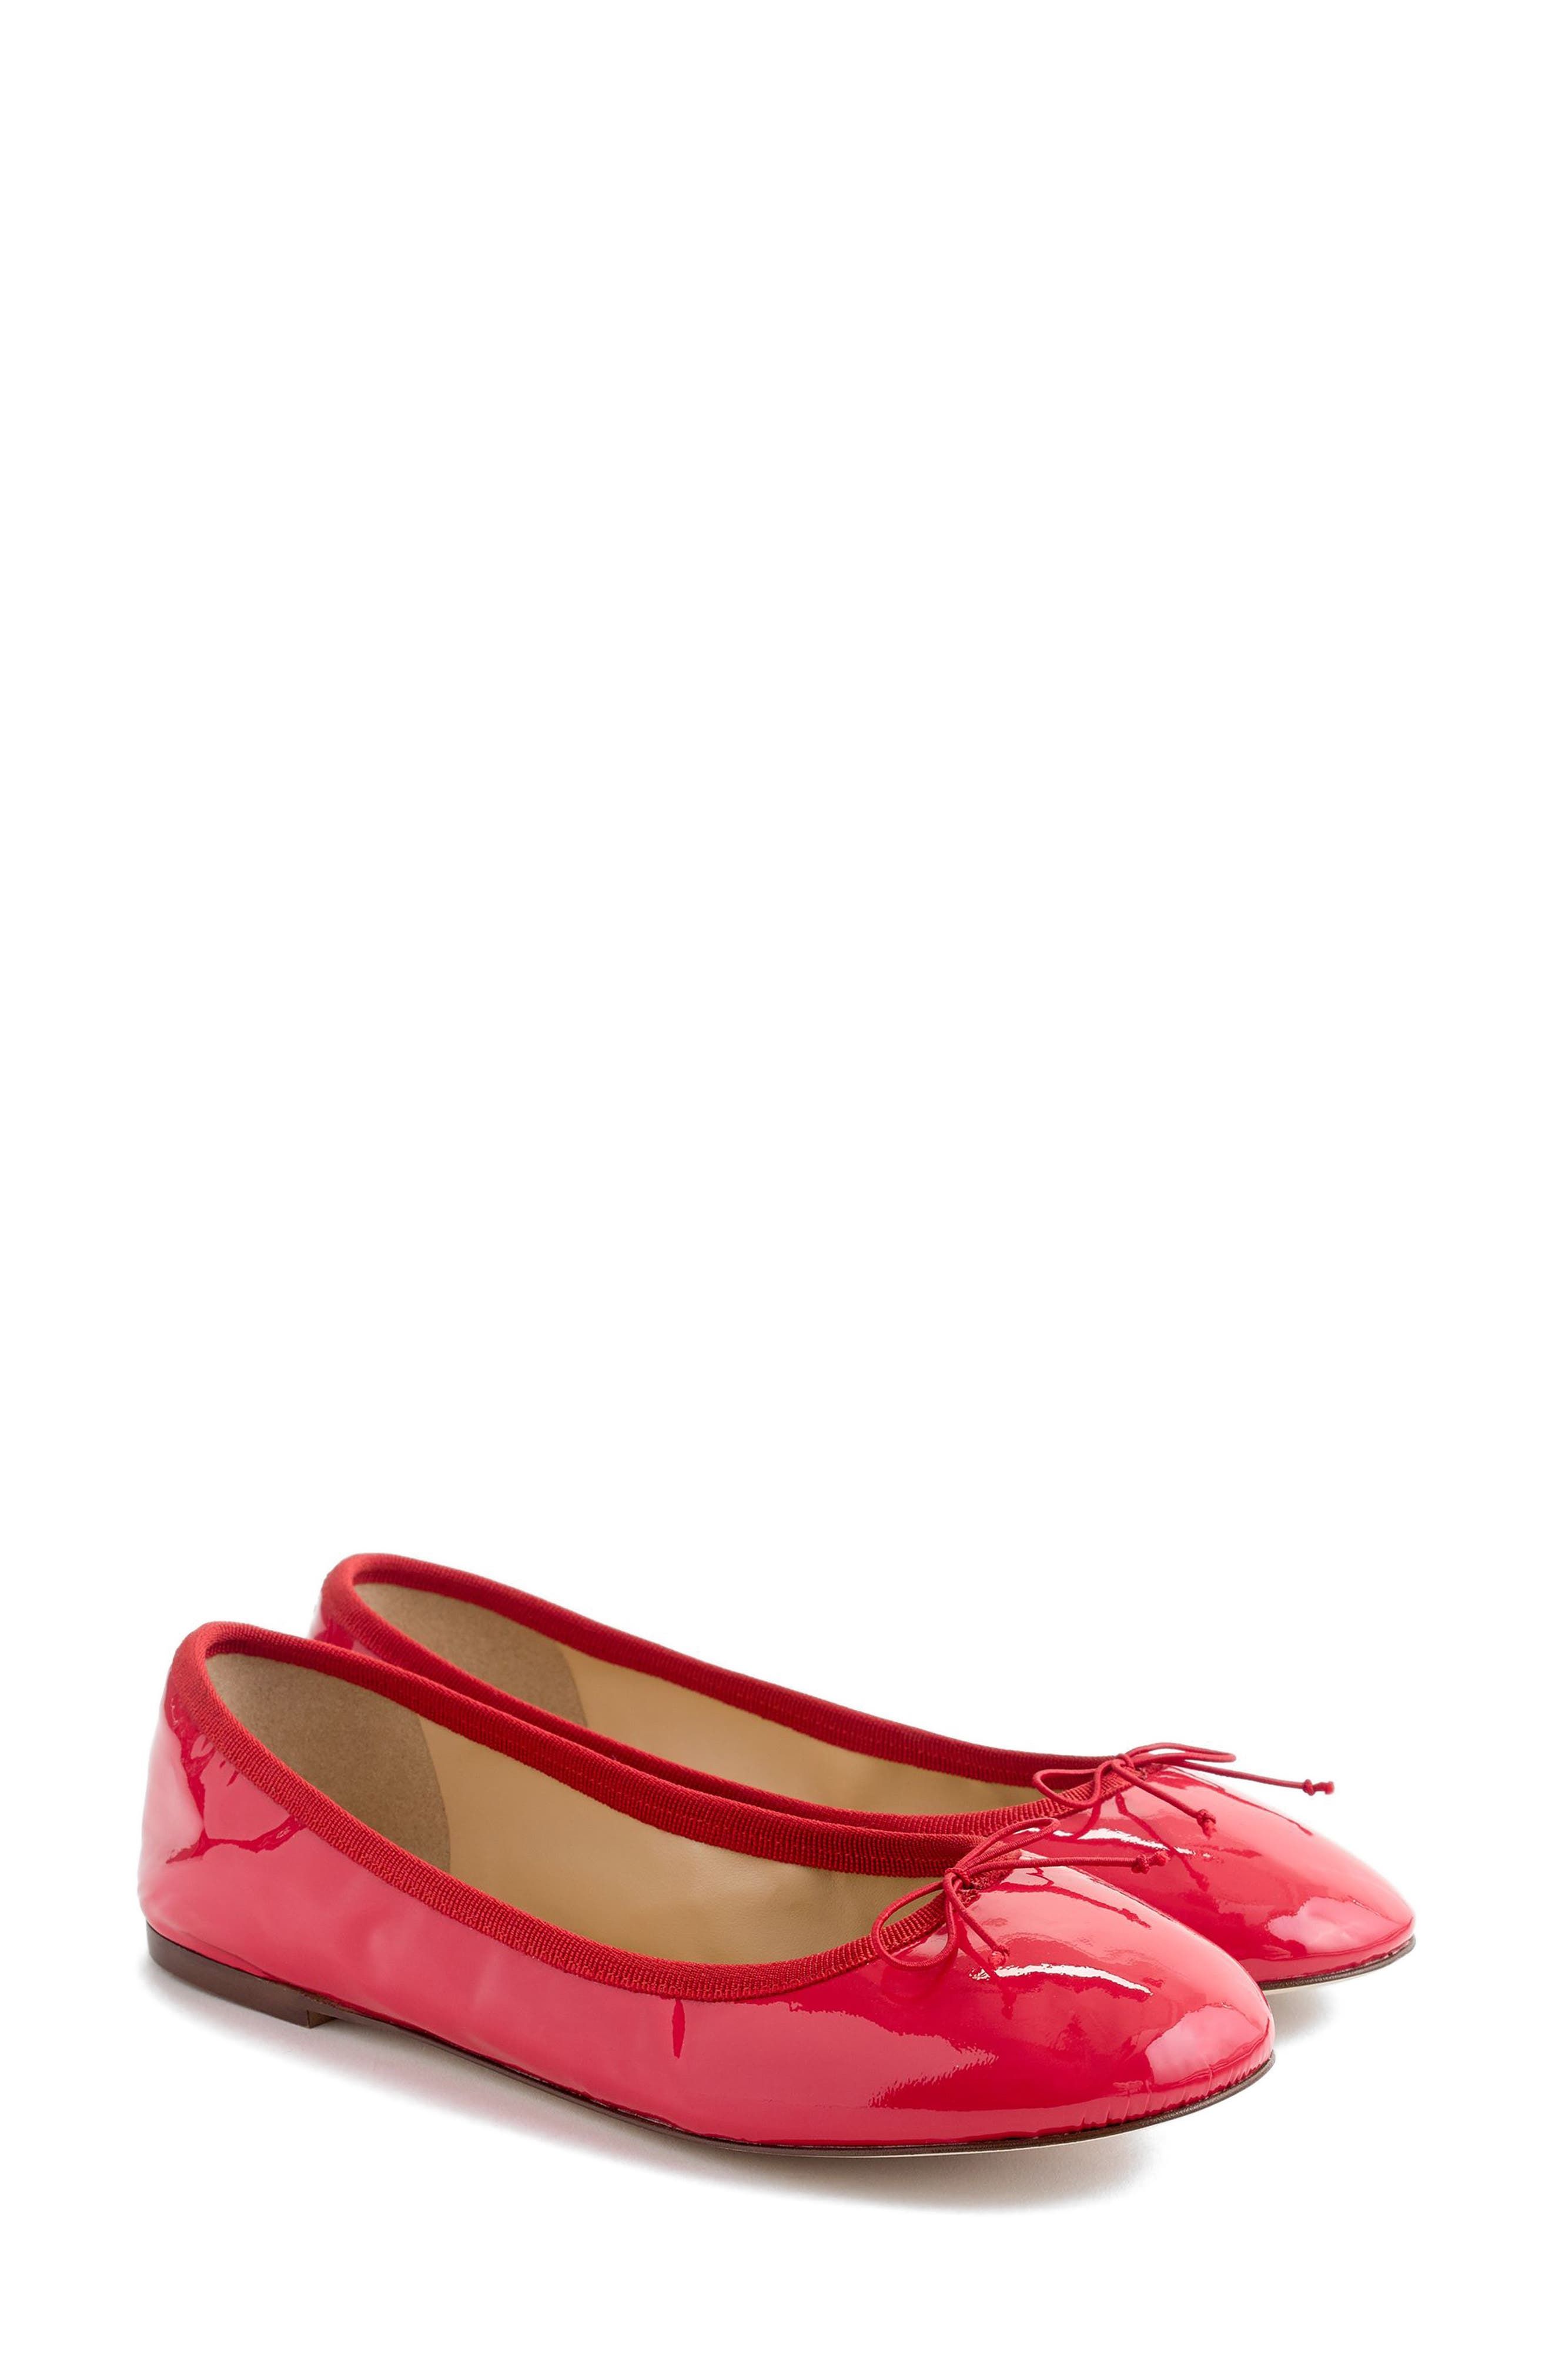 Evie Ballet Flat,                             Main thumbnail 3, color,